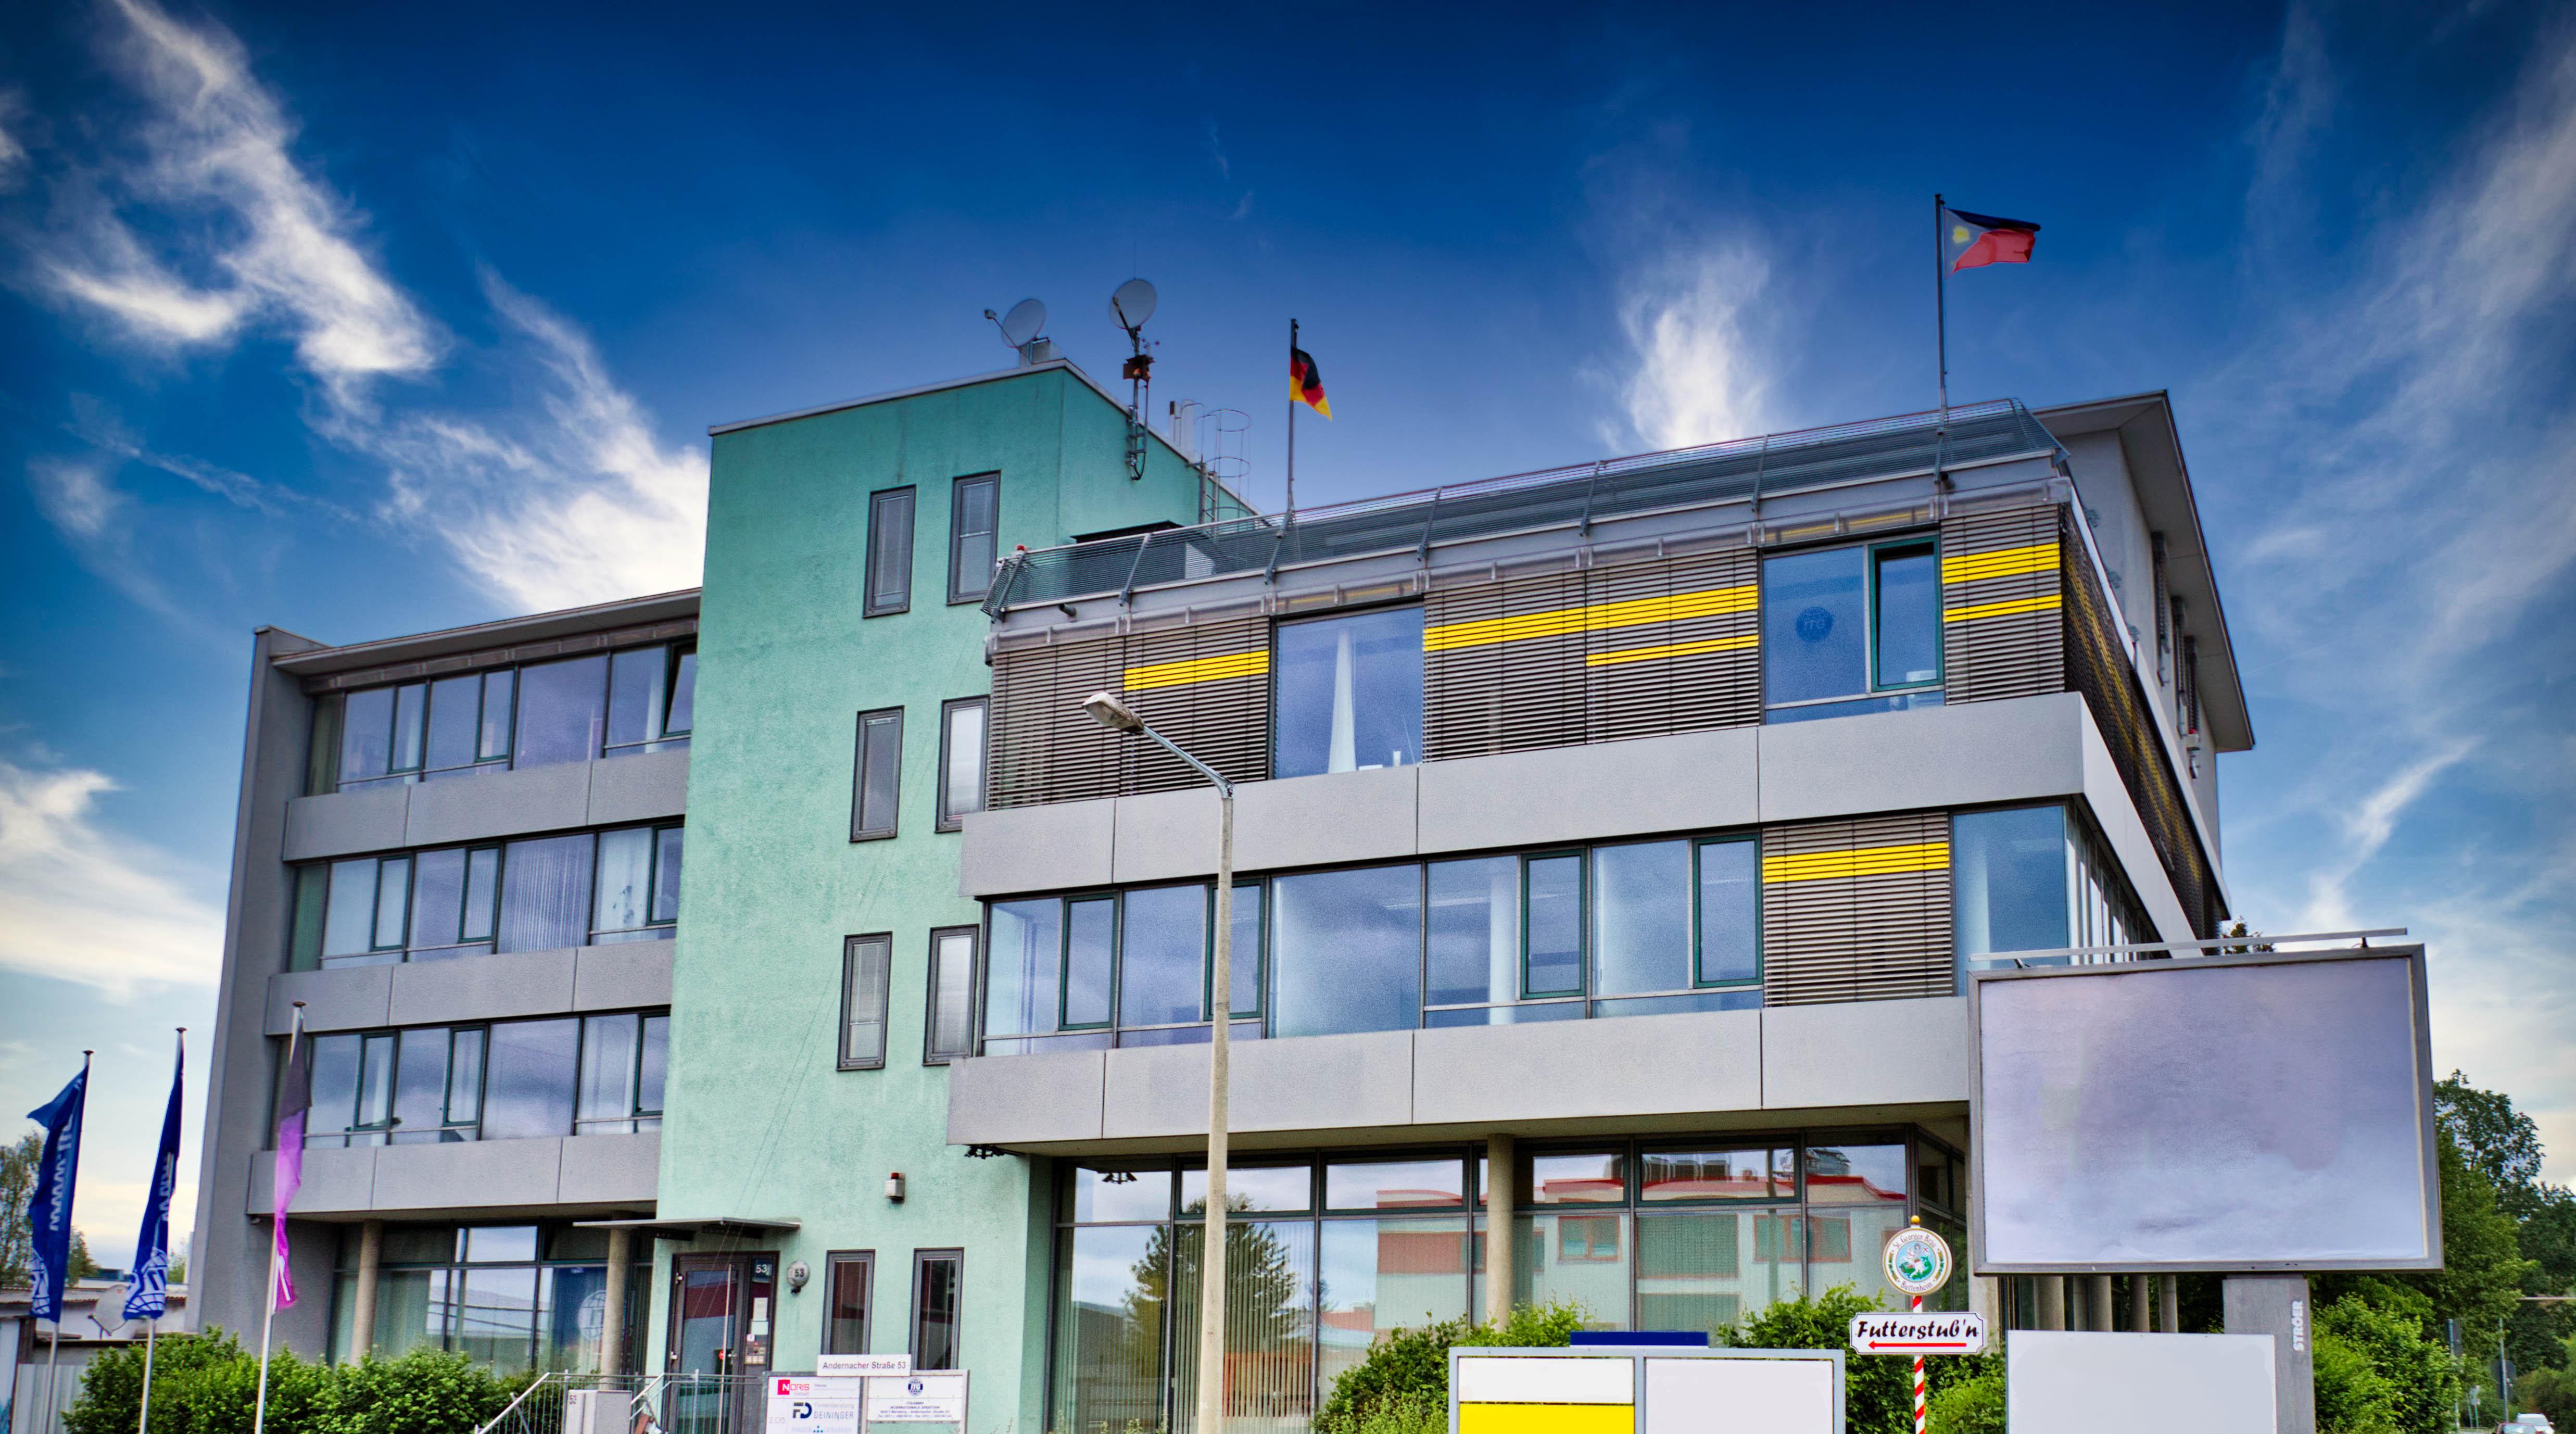 Bild des Gebäudes, welches unsere Räumlichkeiten enthält.